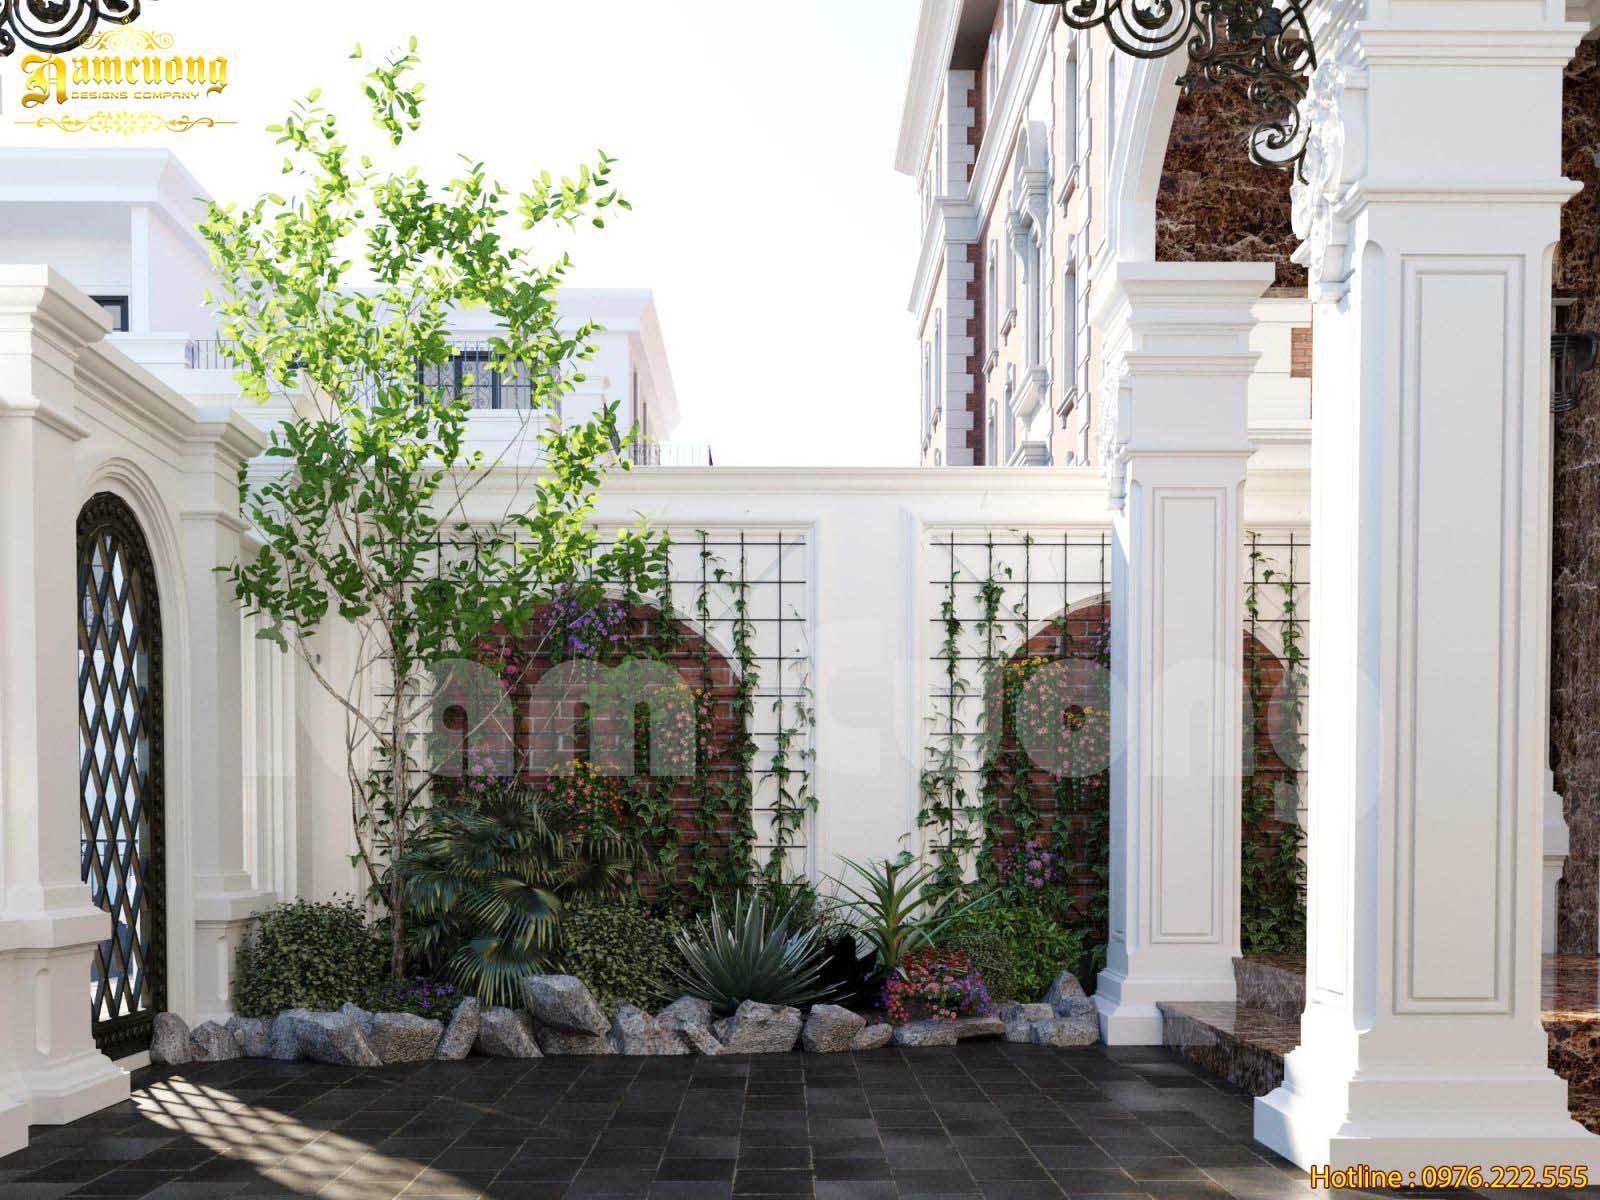 Mẫu thiết kế tiểu cảnh sân vườn cho biệt thự đẹp